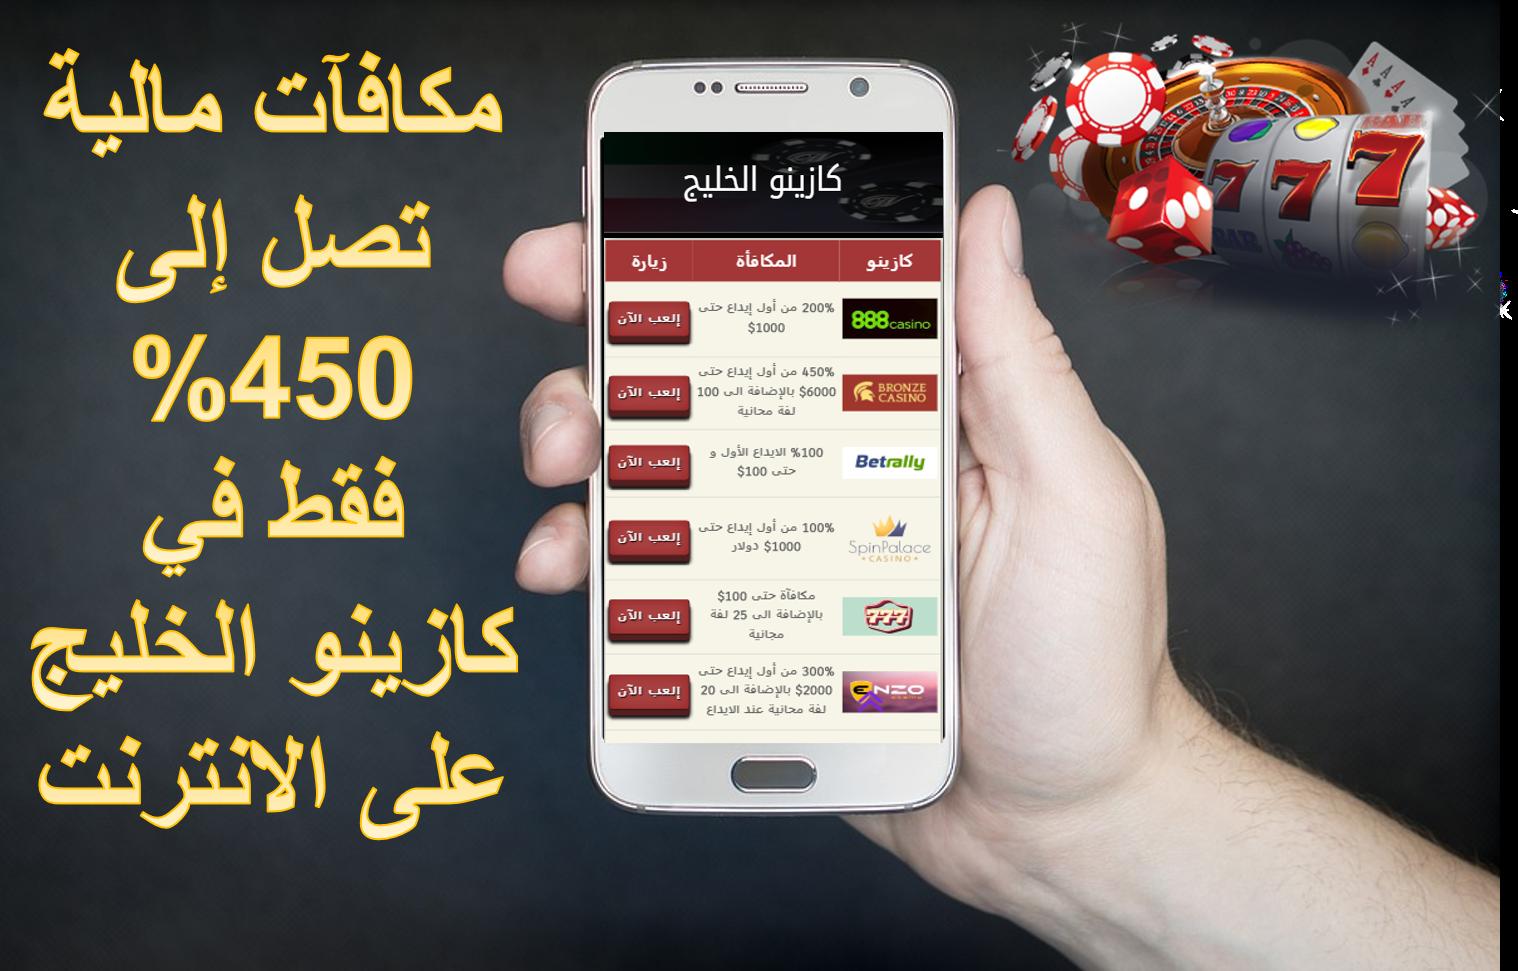 كازينو العرب البحرين - 76460